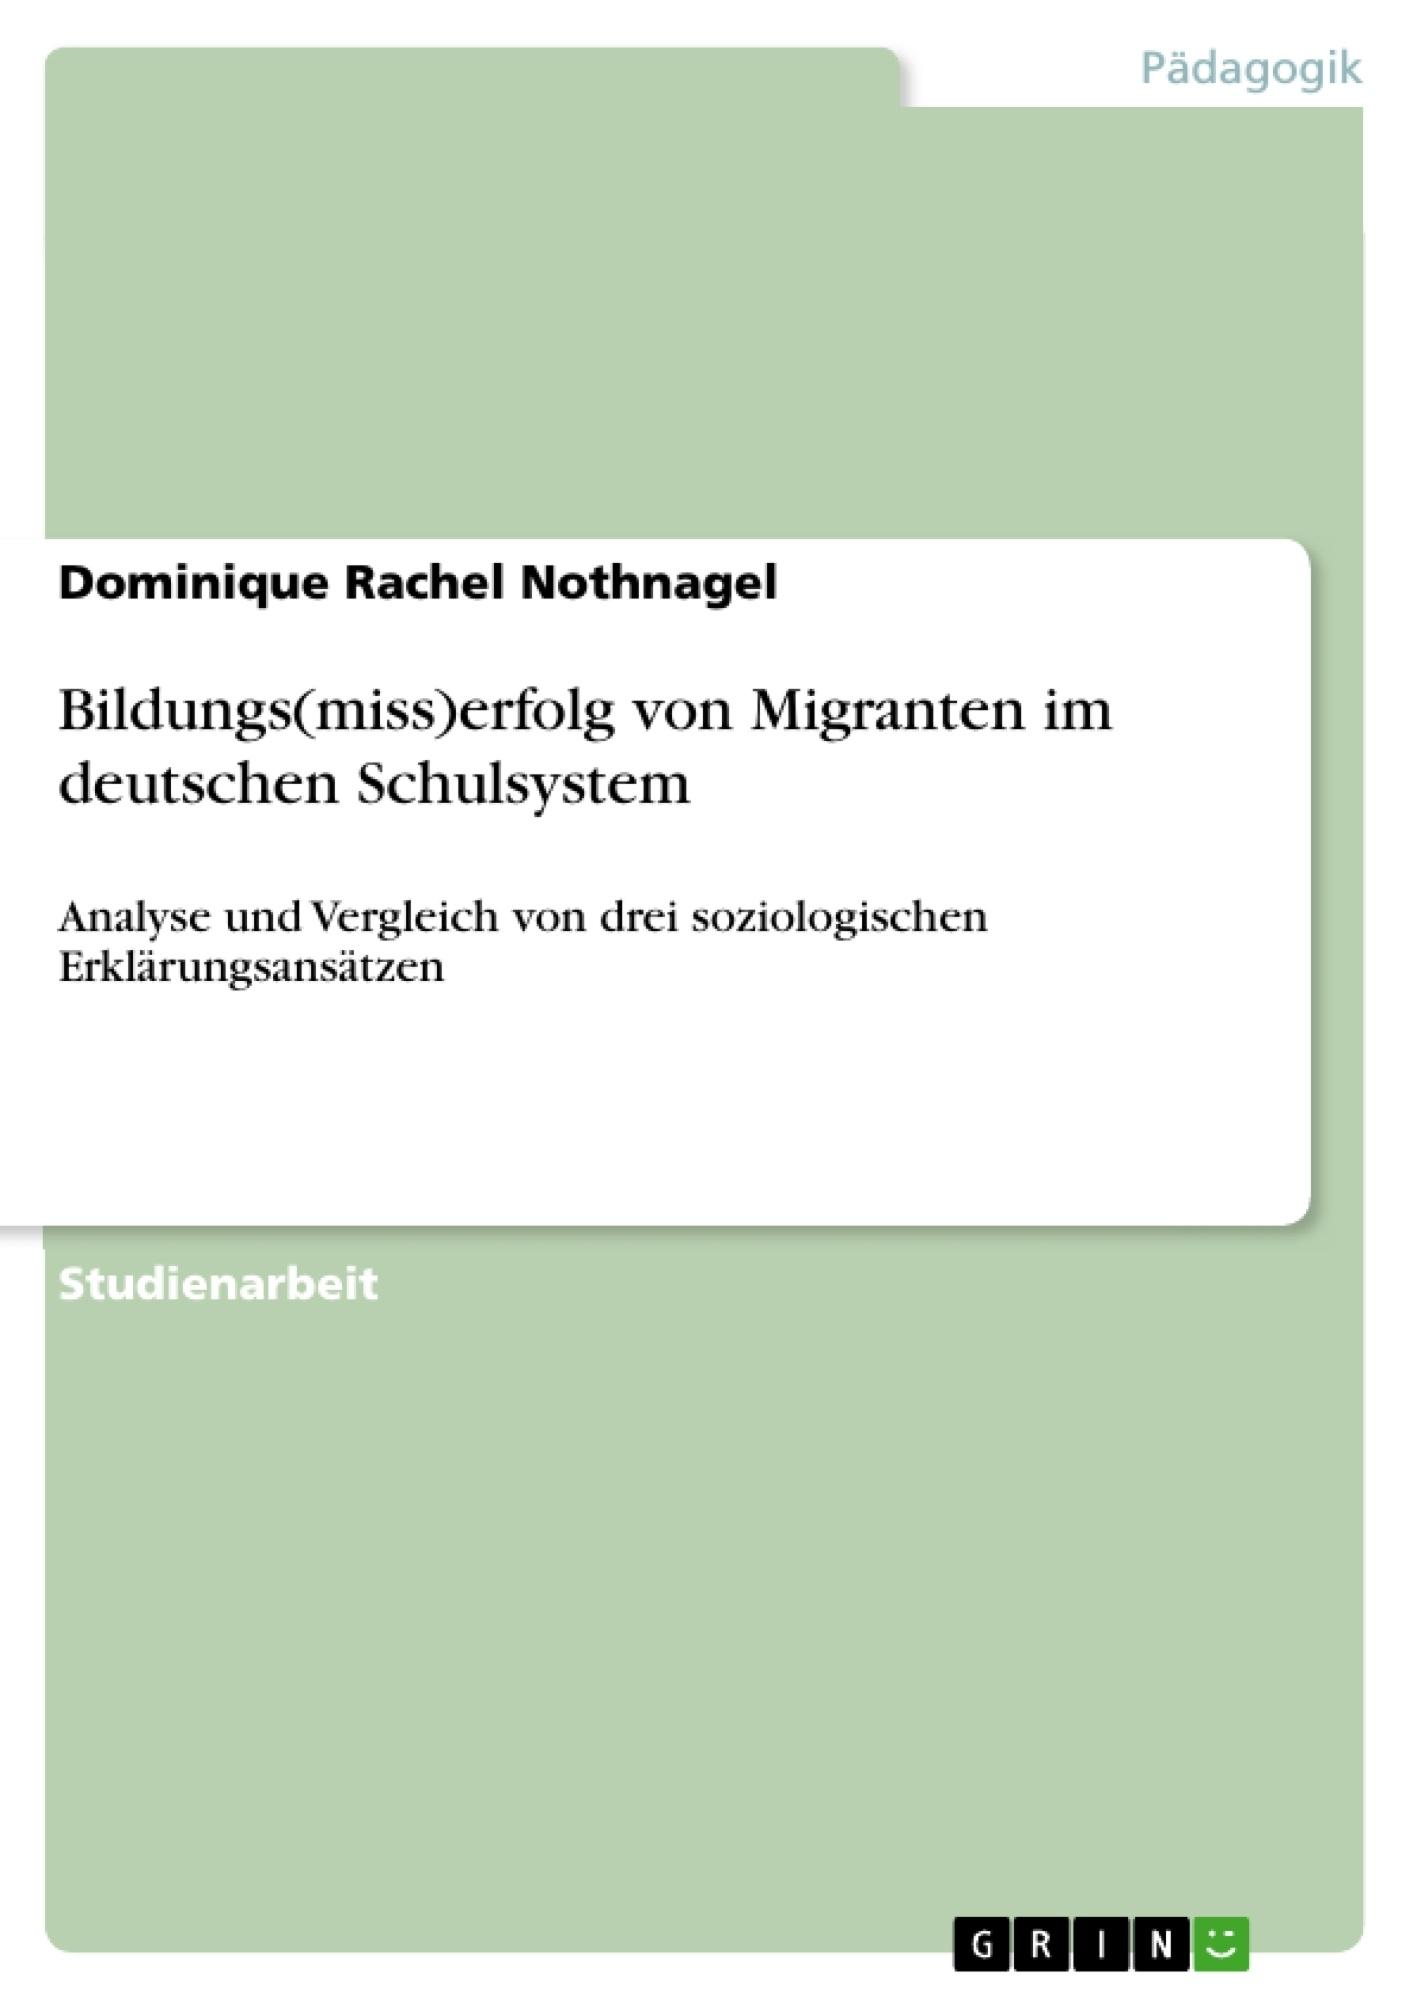 Titel: Bildungs(miss)erfolg von Migranten im deutschen Schulsystem